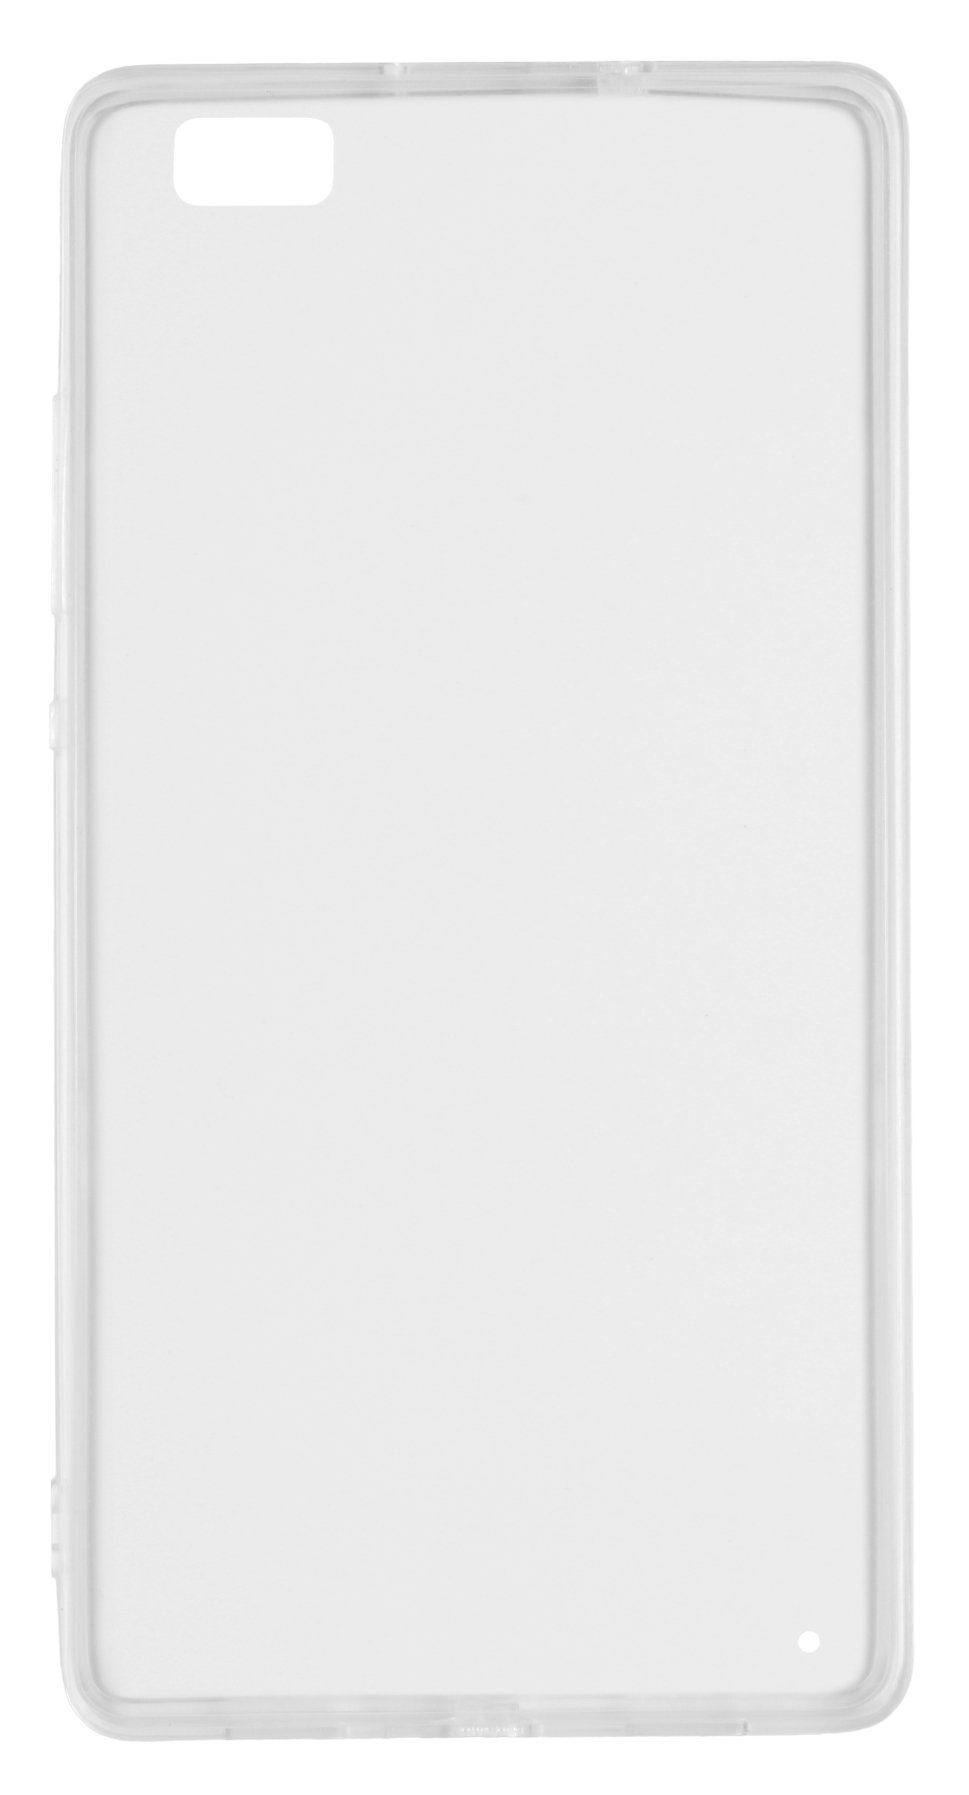 Scutes Deluxe GSM - Zubehör »Schutzhülle - Huawei P8 lite«